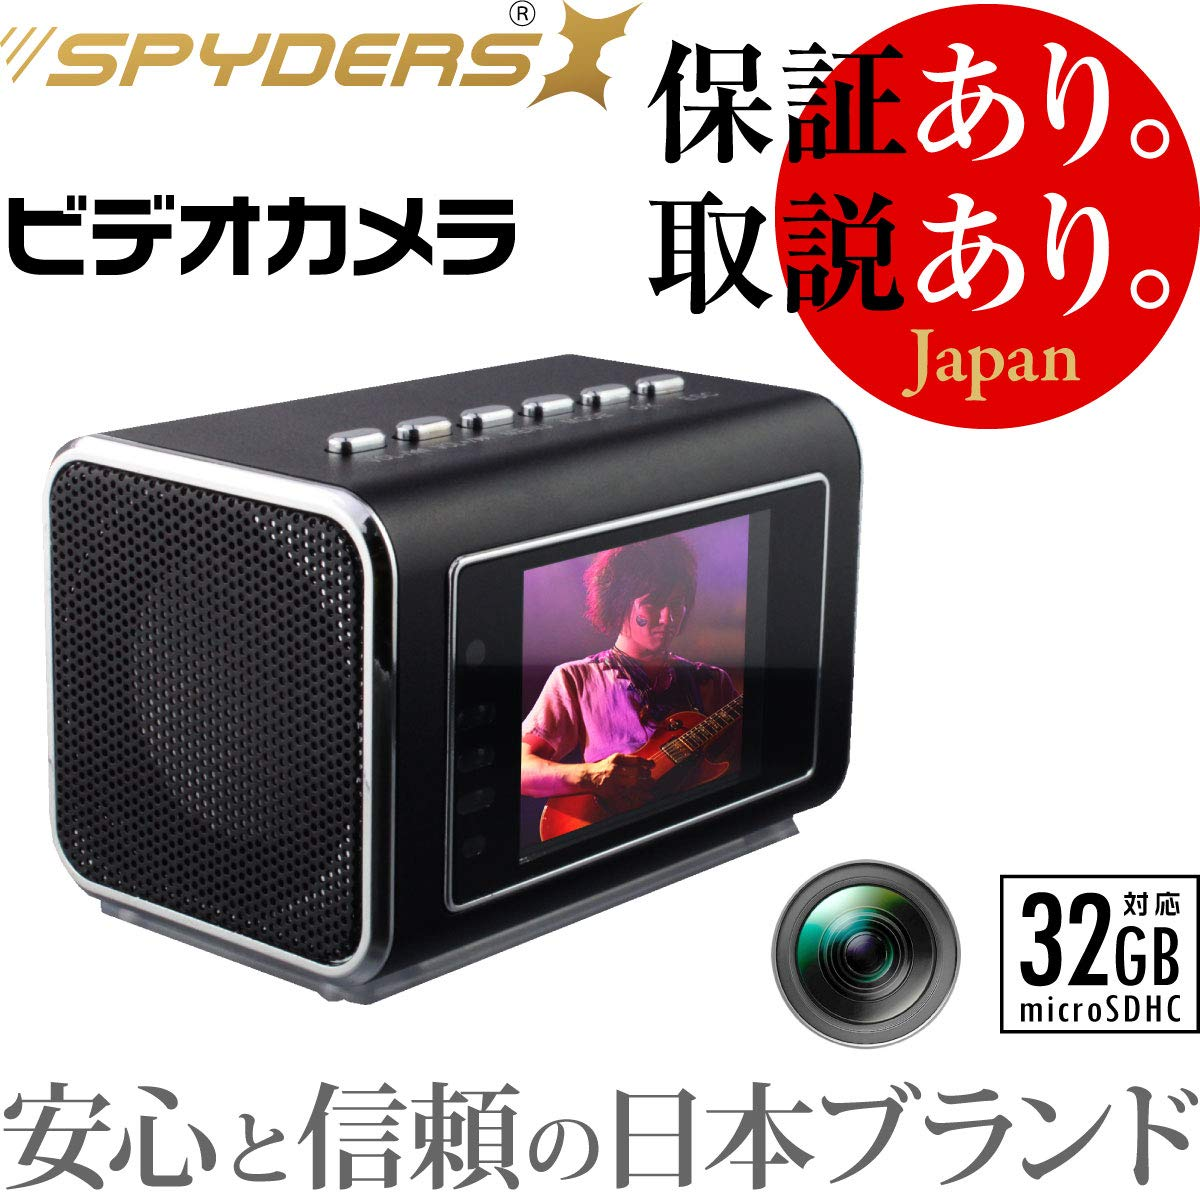 スパイダーズX ポータブルスピーカー型カメラ 小型カメラ スパイカメラ 小型カメラ ブラック (M-918B) B00J2L5BN4 ブラック B00J2L5BN4, トモベマチ:5176e4a5 --- krianta.ru